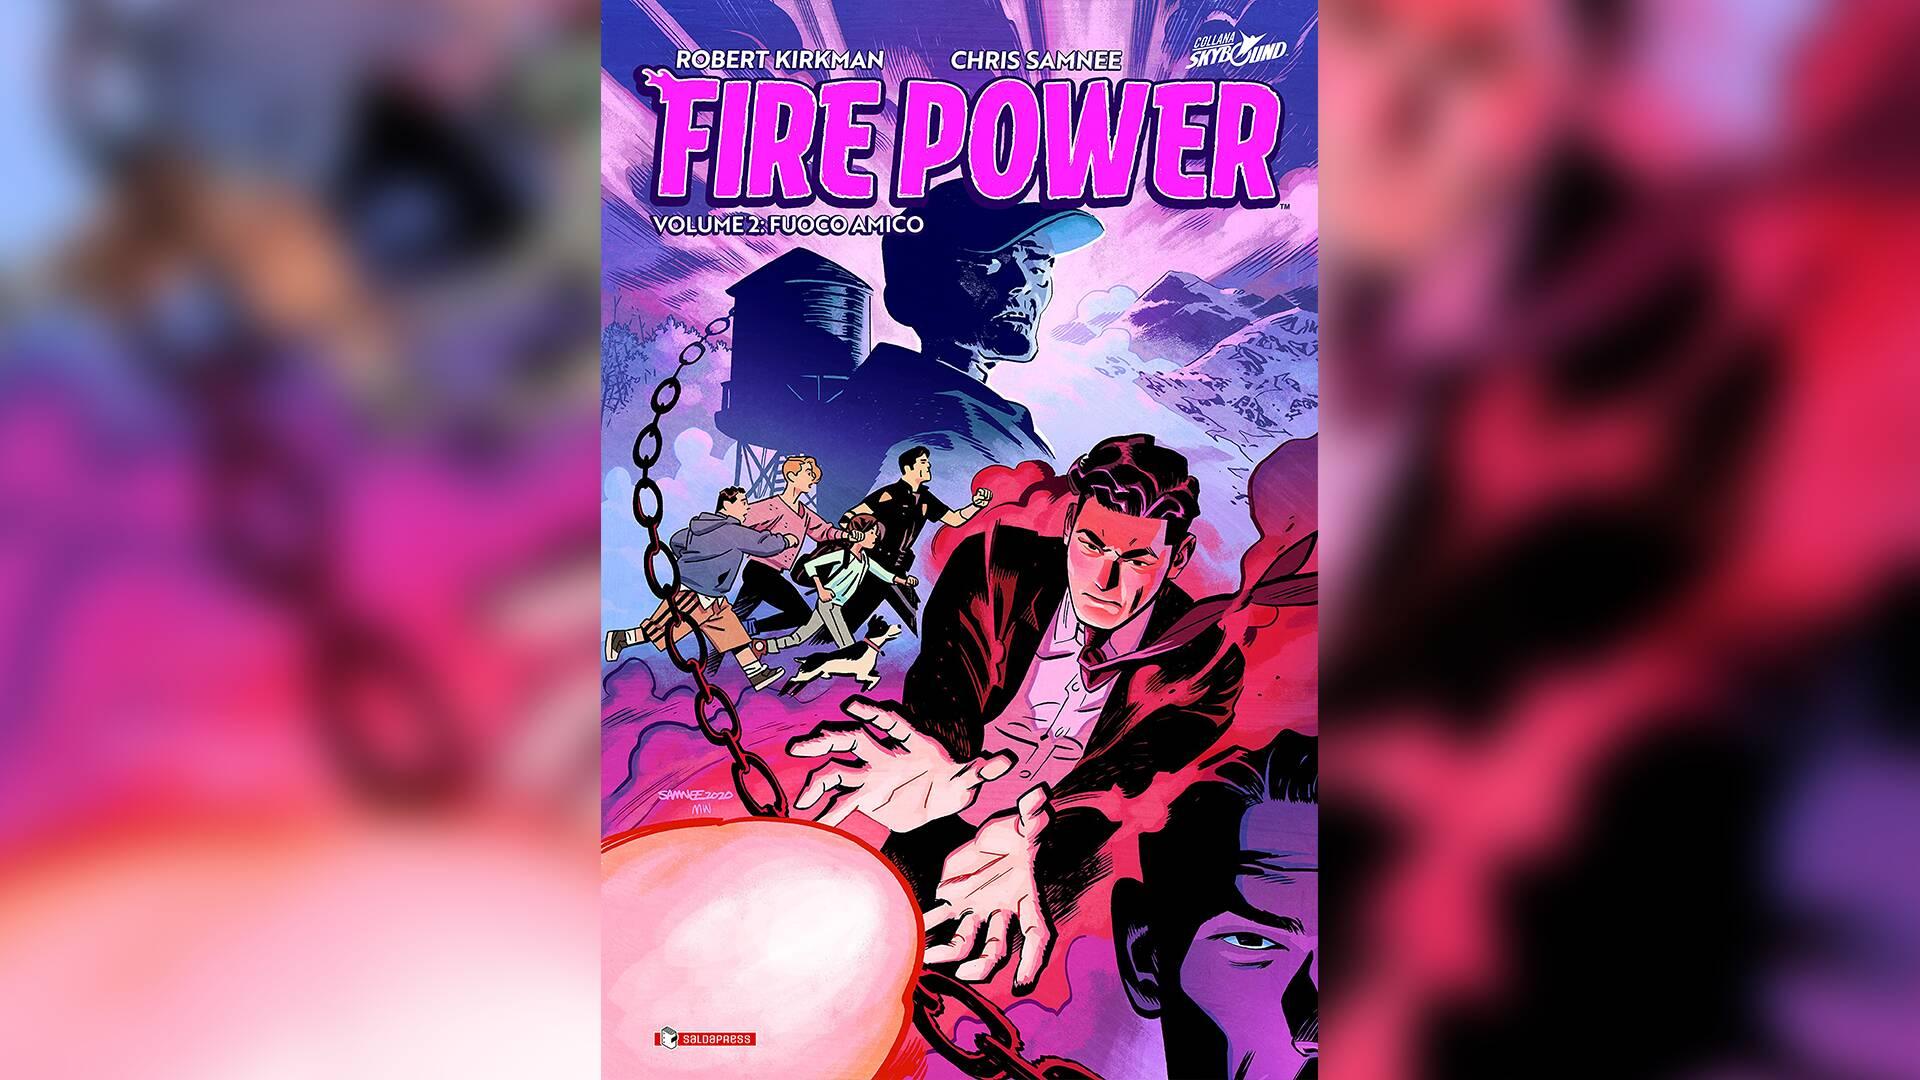 Firepower Vol. 2 – Fuoco Amico